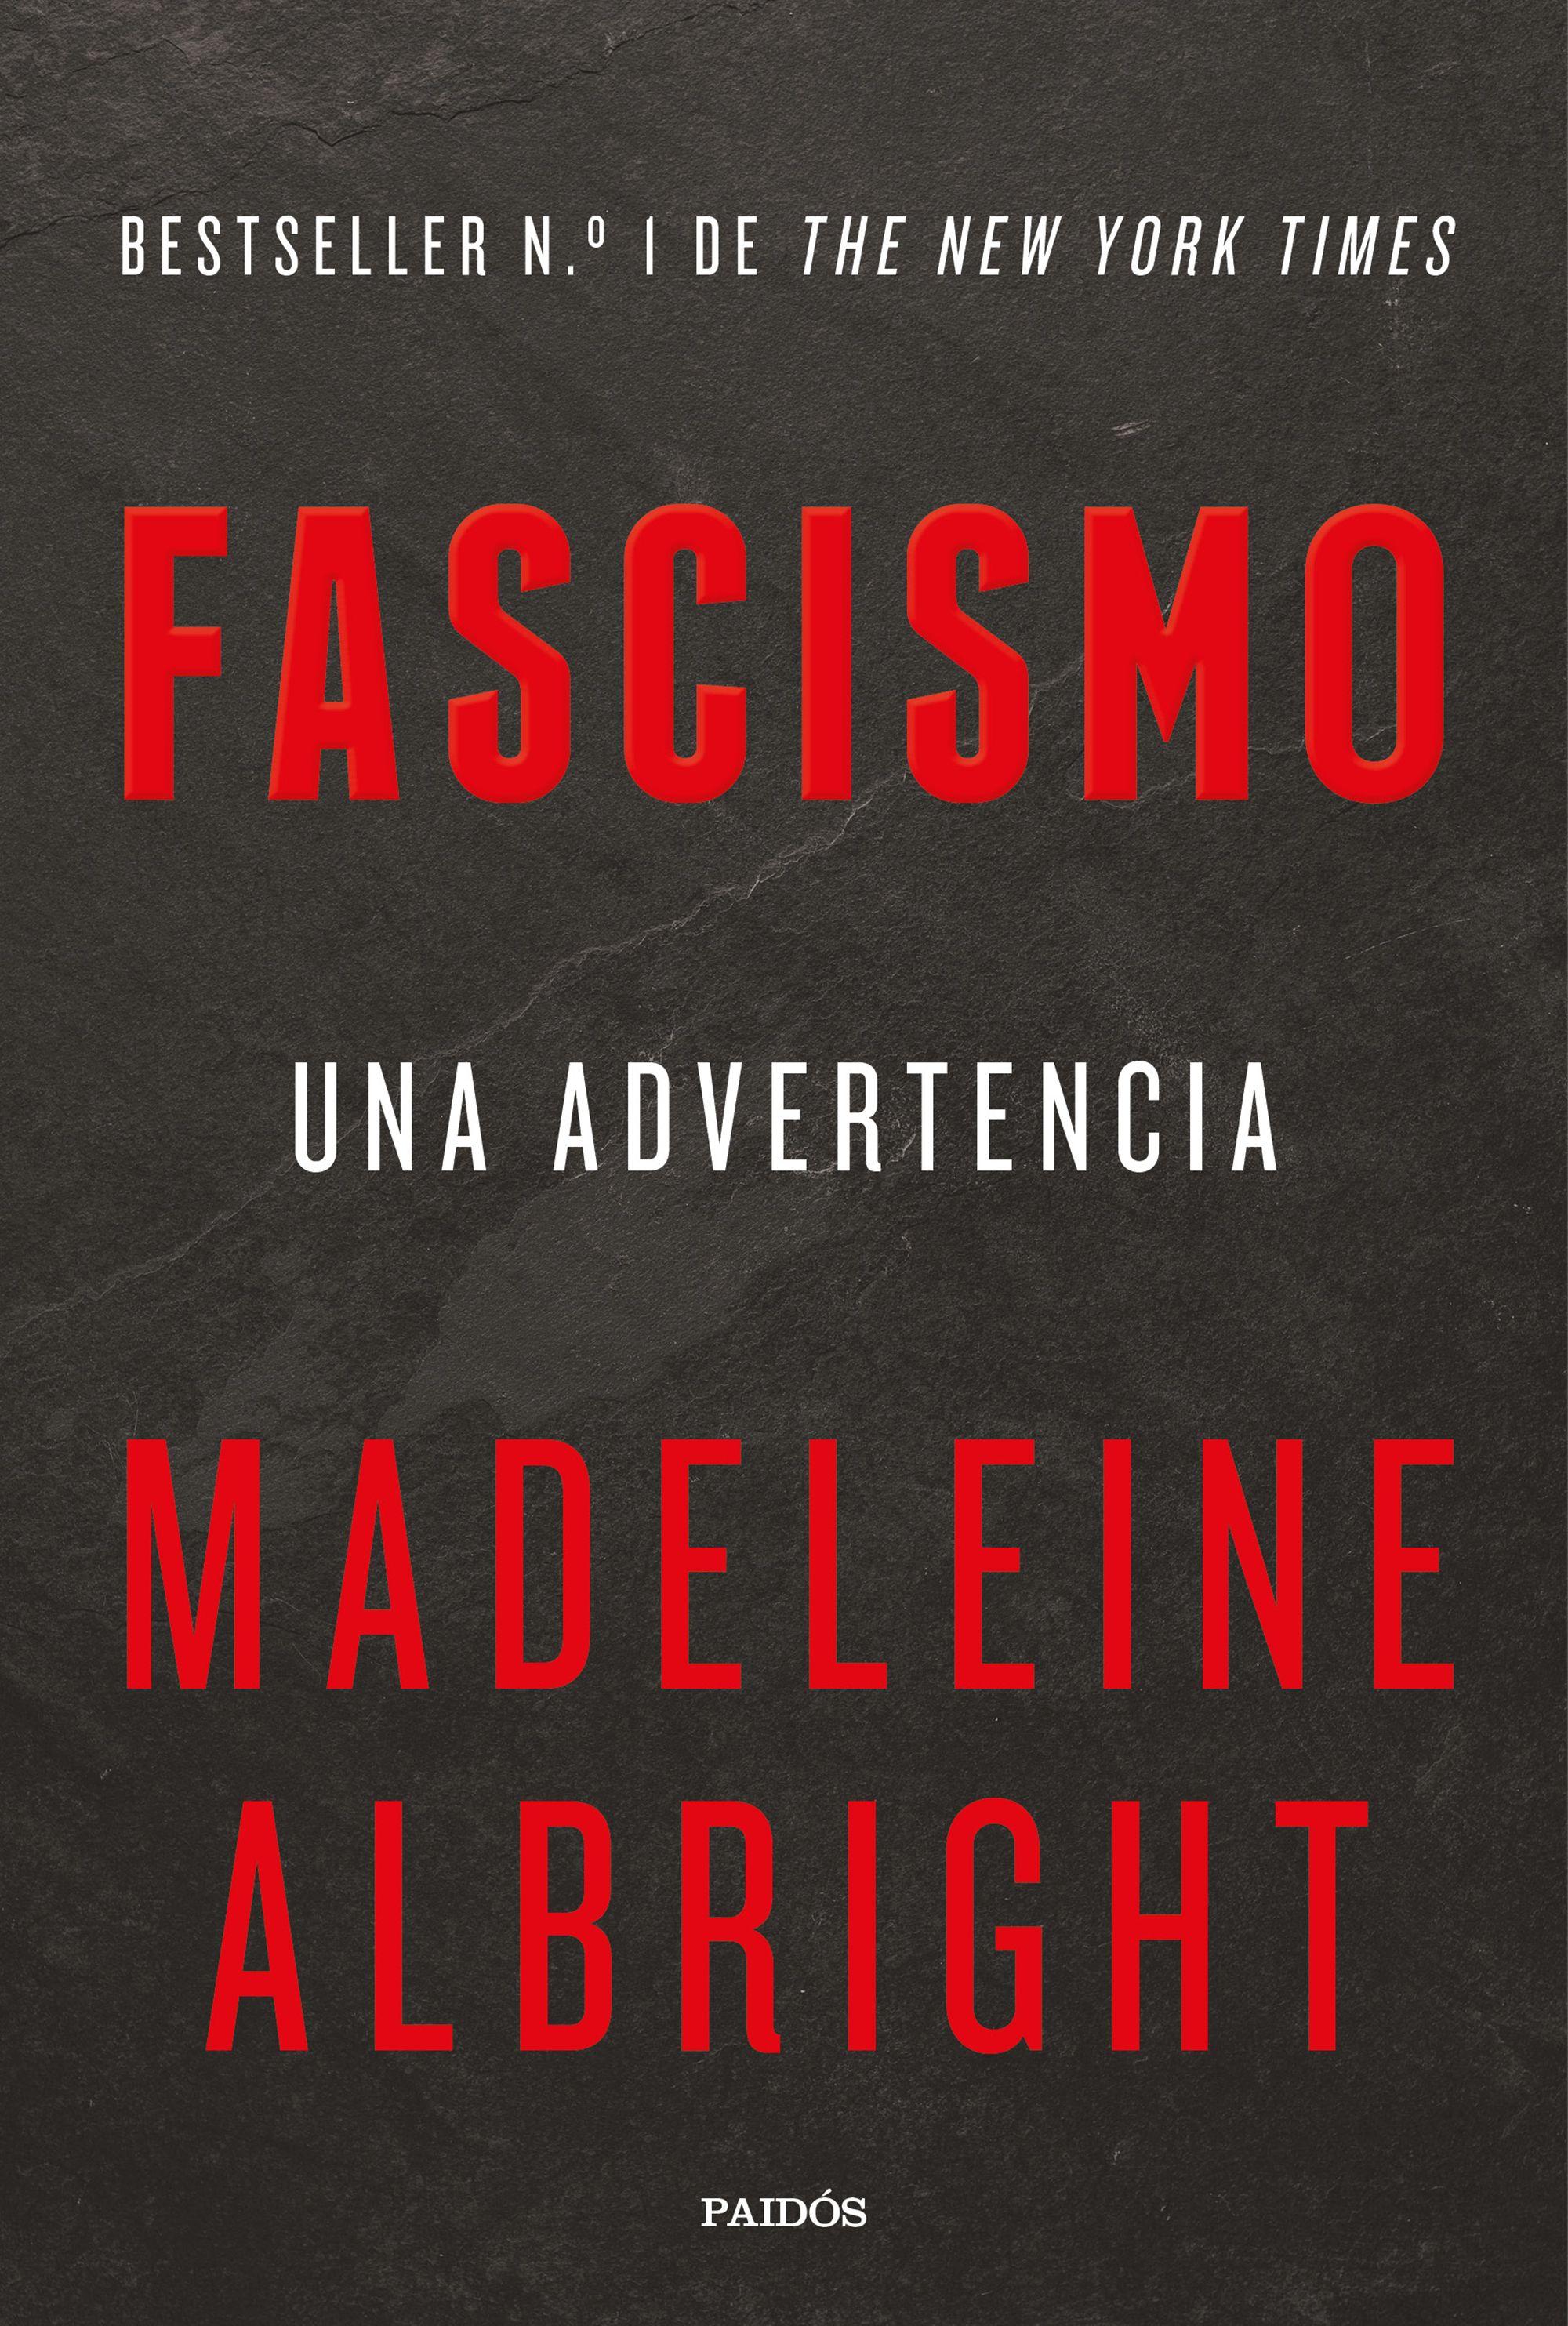 portada_fascismo_madeleine-albright